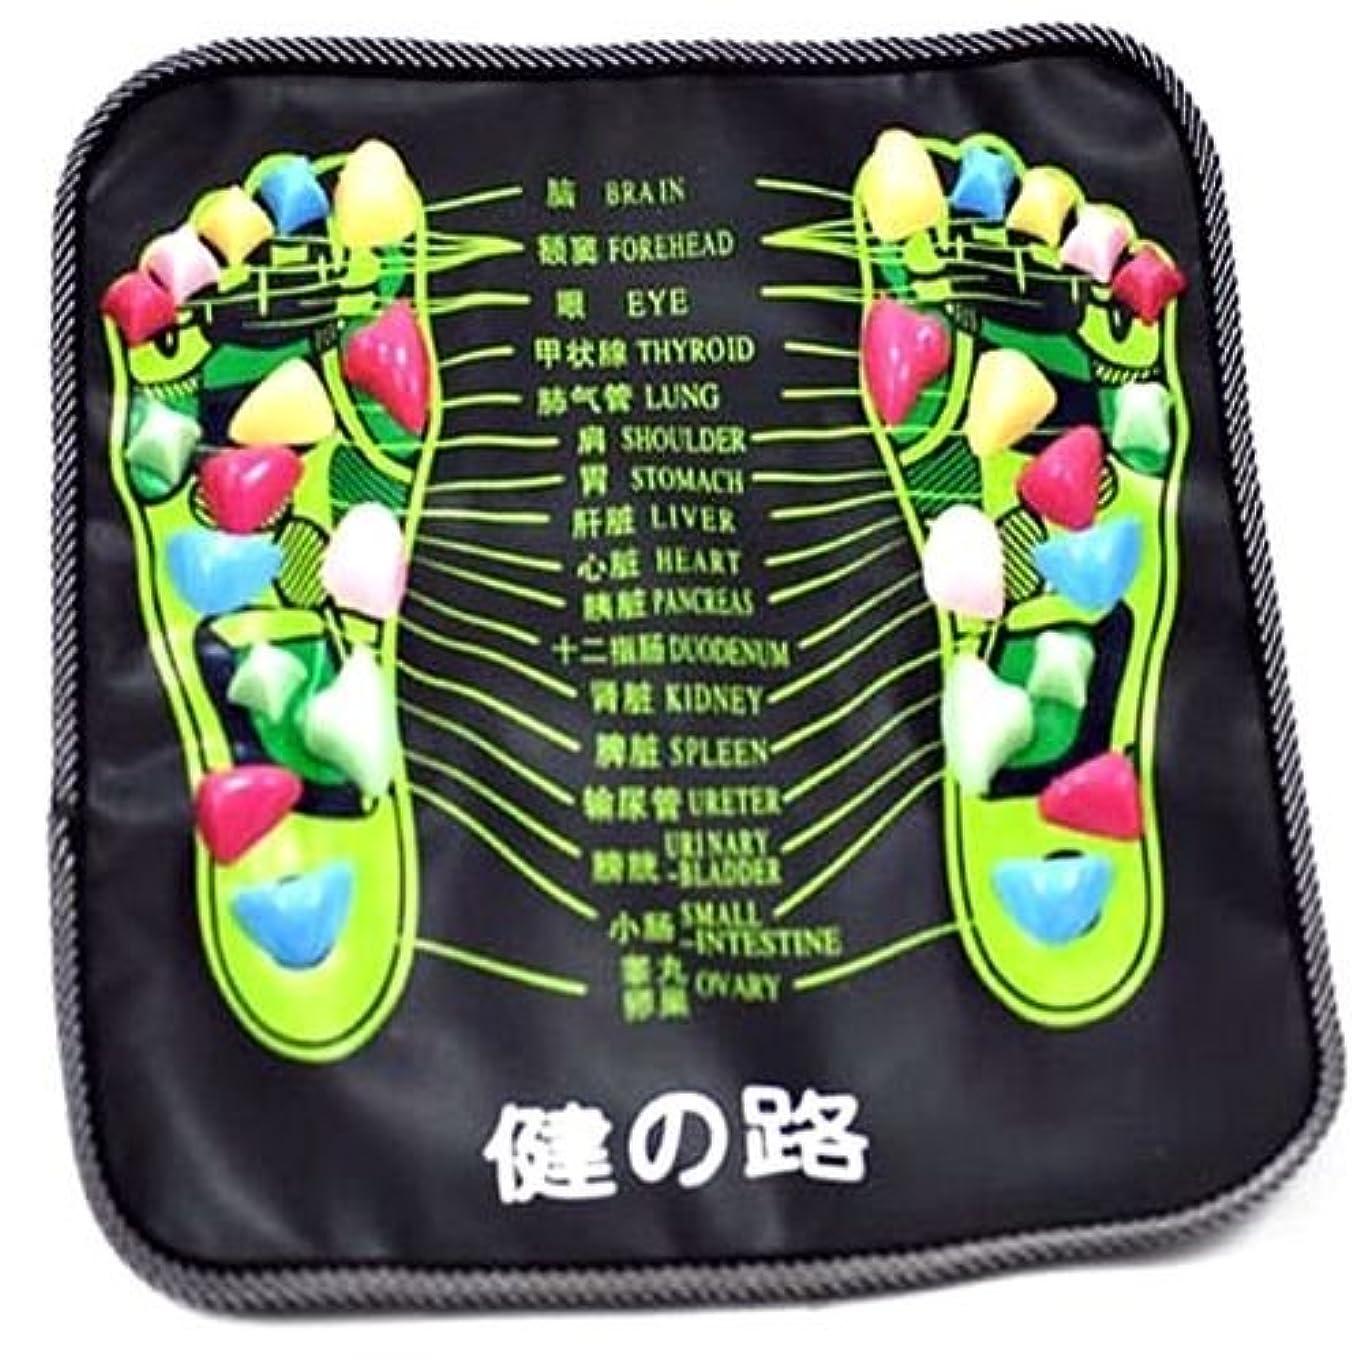 保険想定プロトタイプisz-spo 足ツボ マッサージ 健康ボード プラスチック 簡単 収納